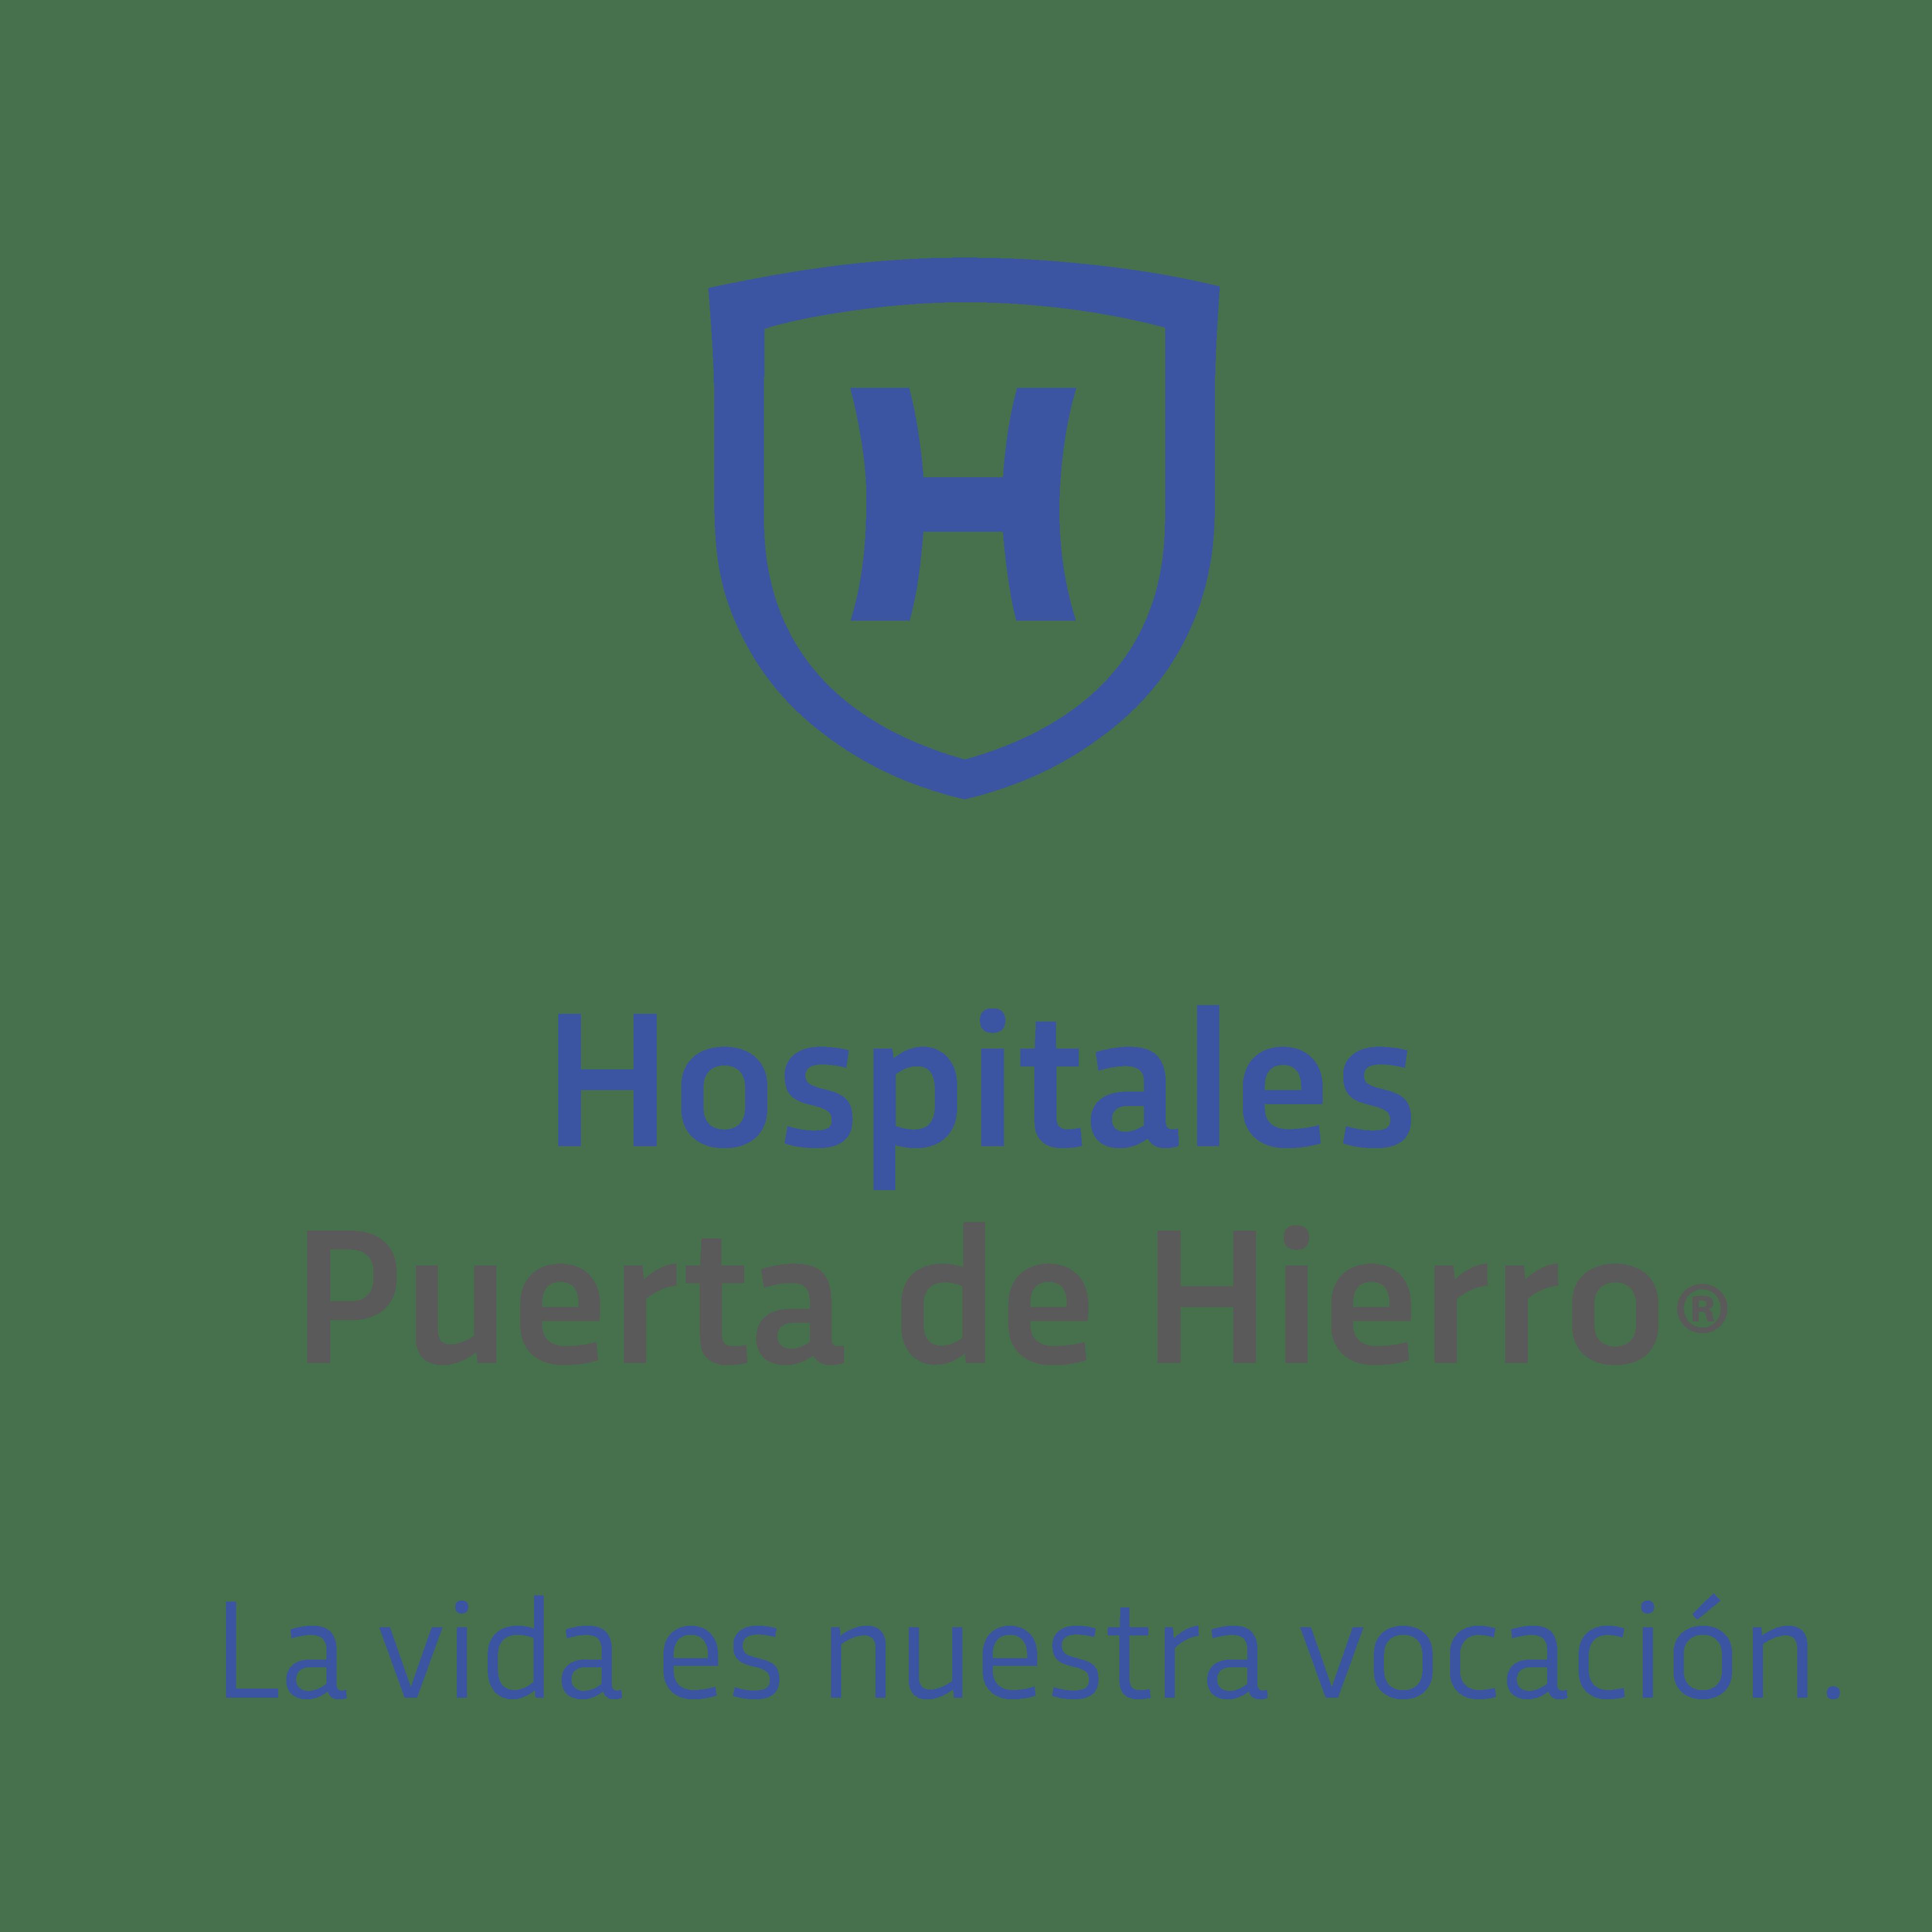 Logotipo Hospitales Puerta de Hierro